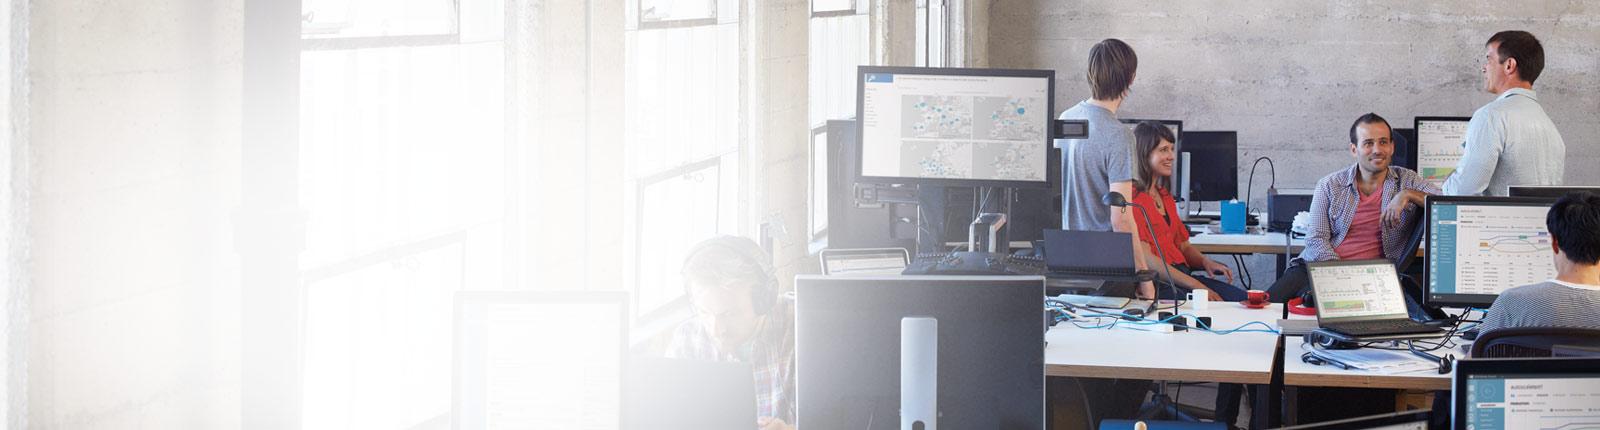 Pet oseb v pisarni za delo uporablja namizne računalnike in Office 365.